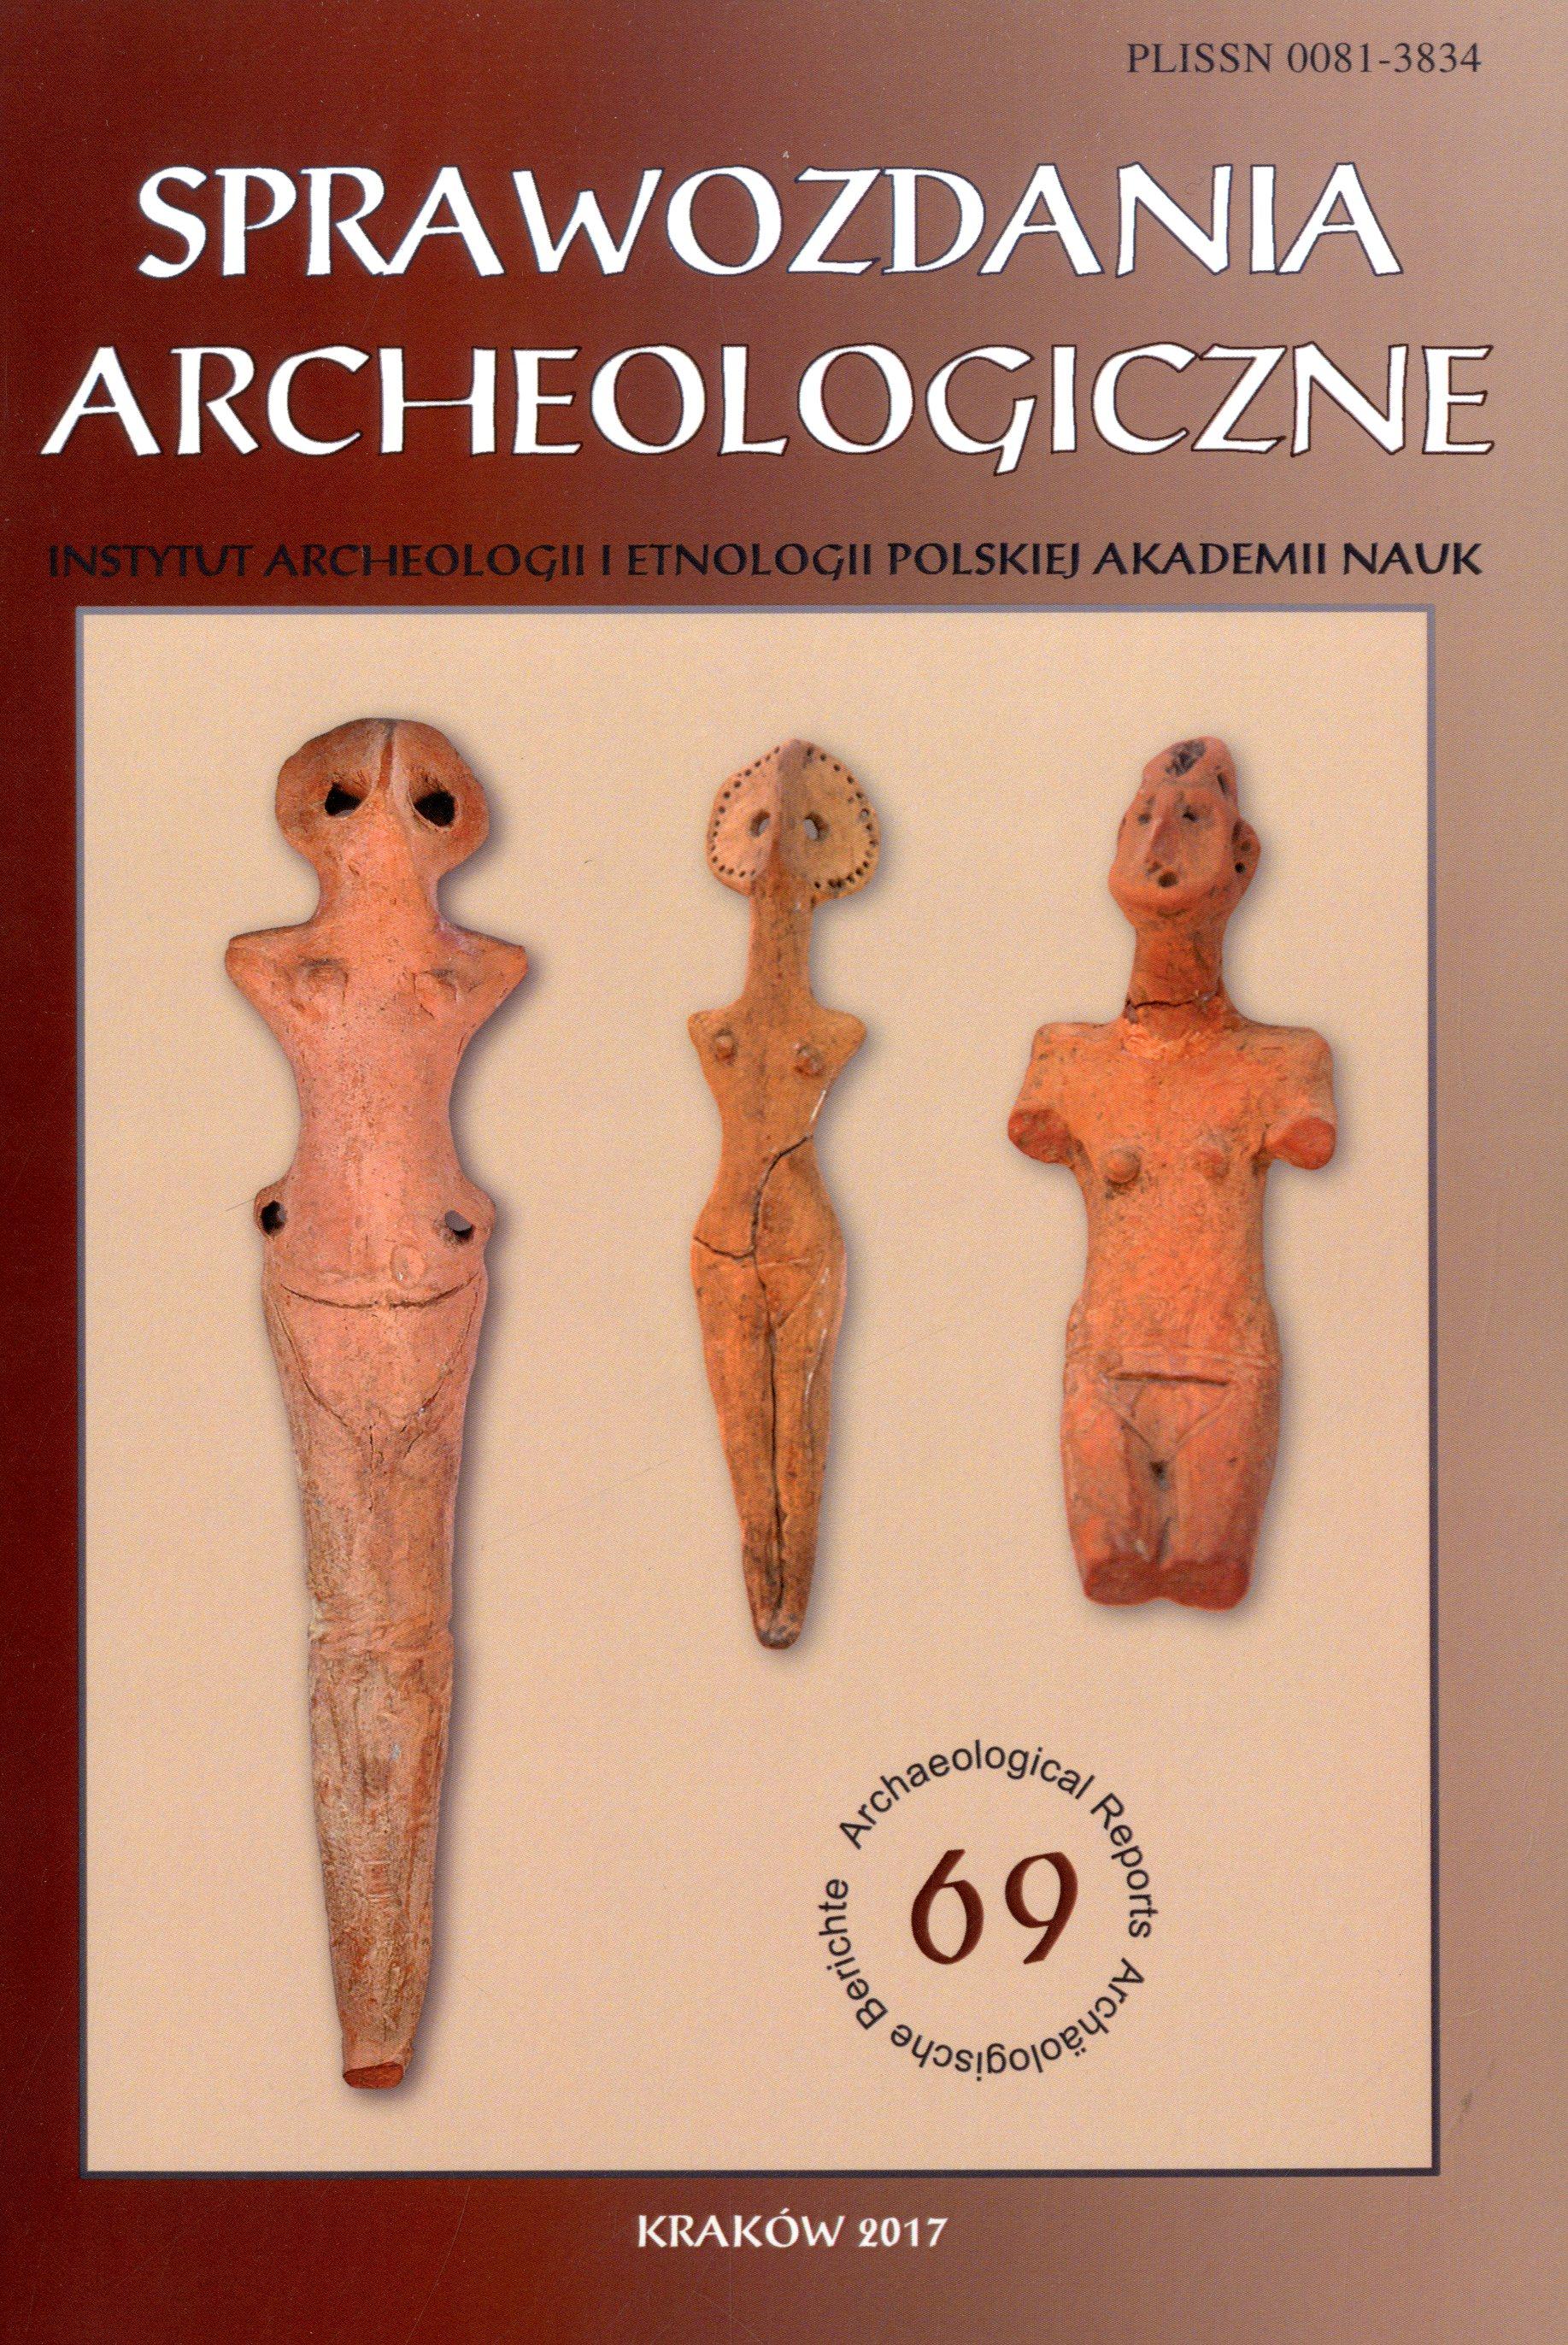 Sprawozdania Archeologiczne vol.69 2017